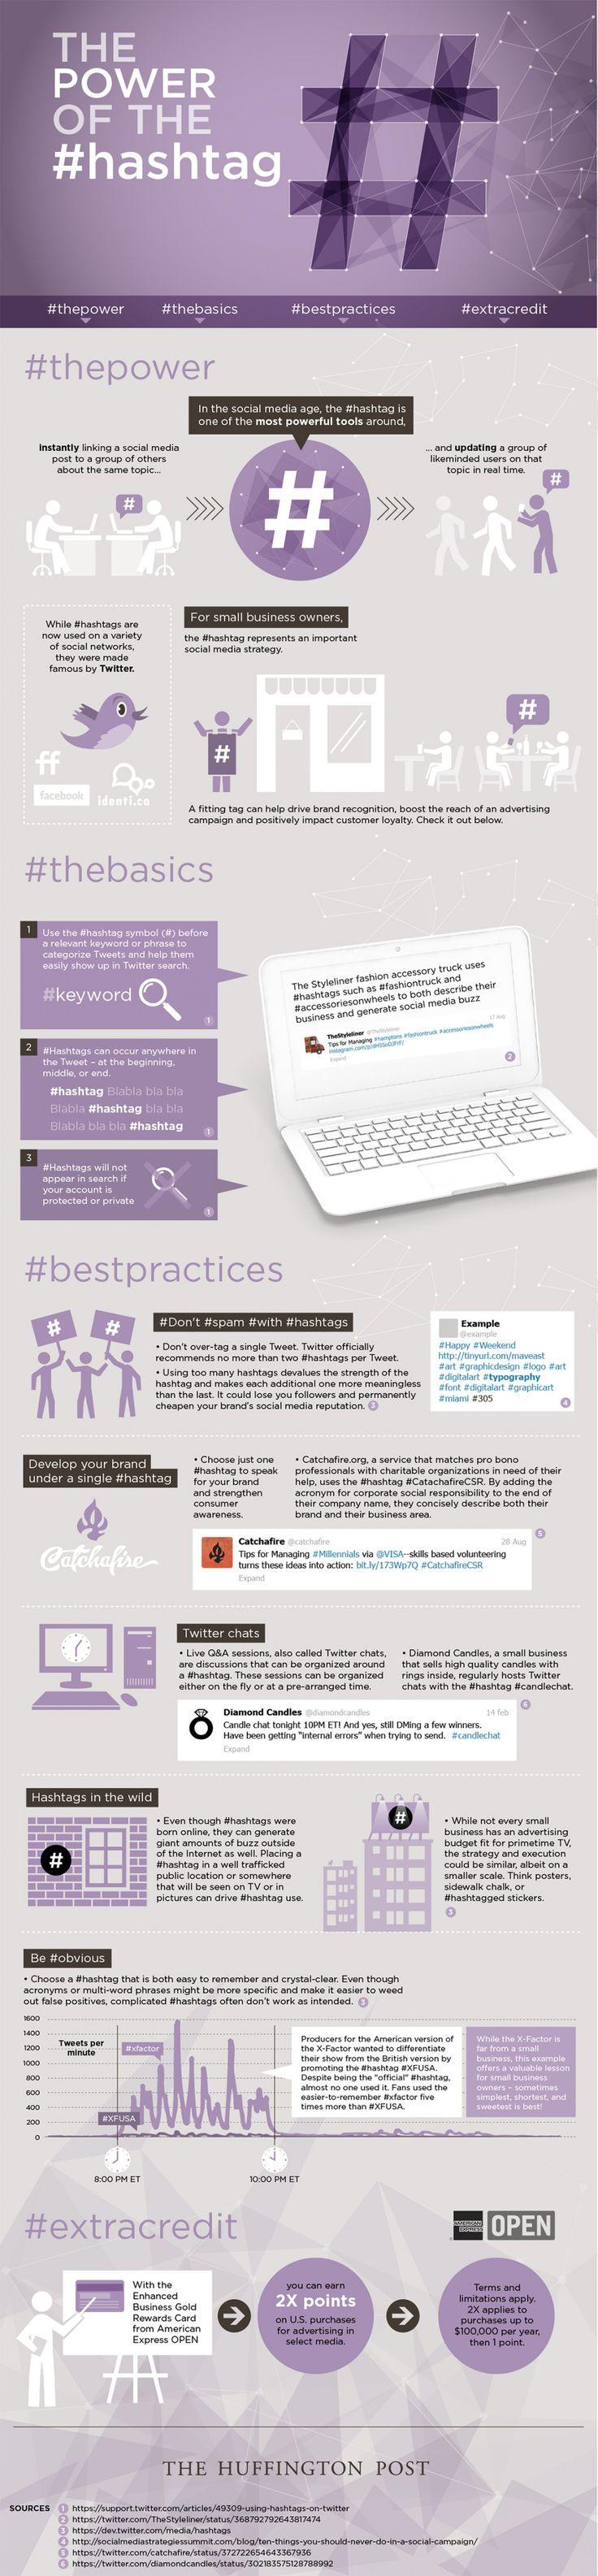 De kracht van het gebruik van #hashtags - #infographic #socialmedia